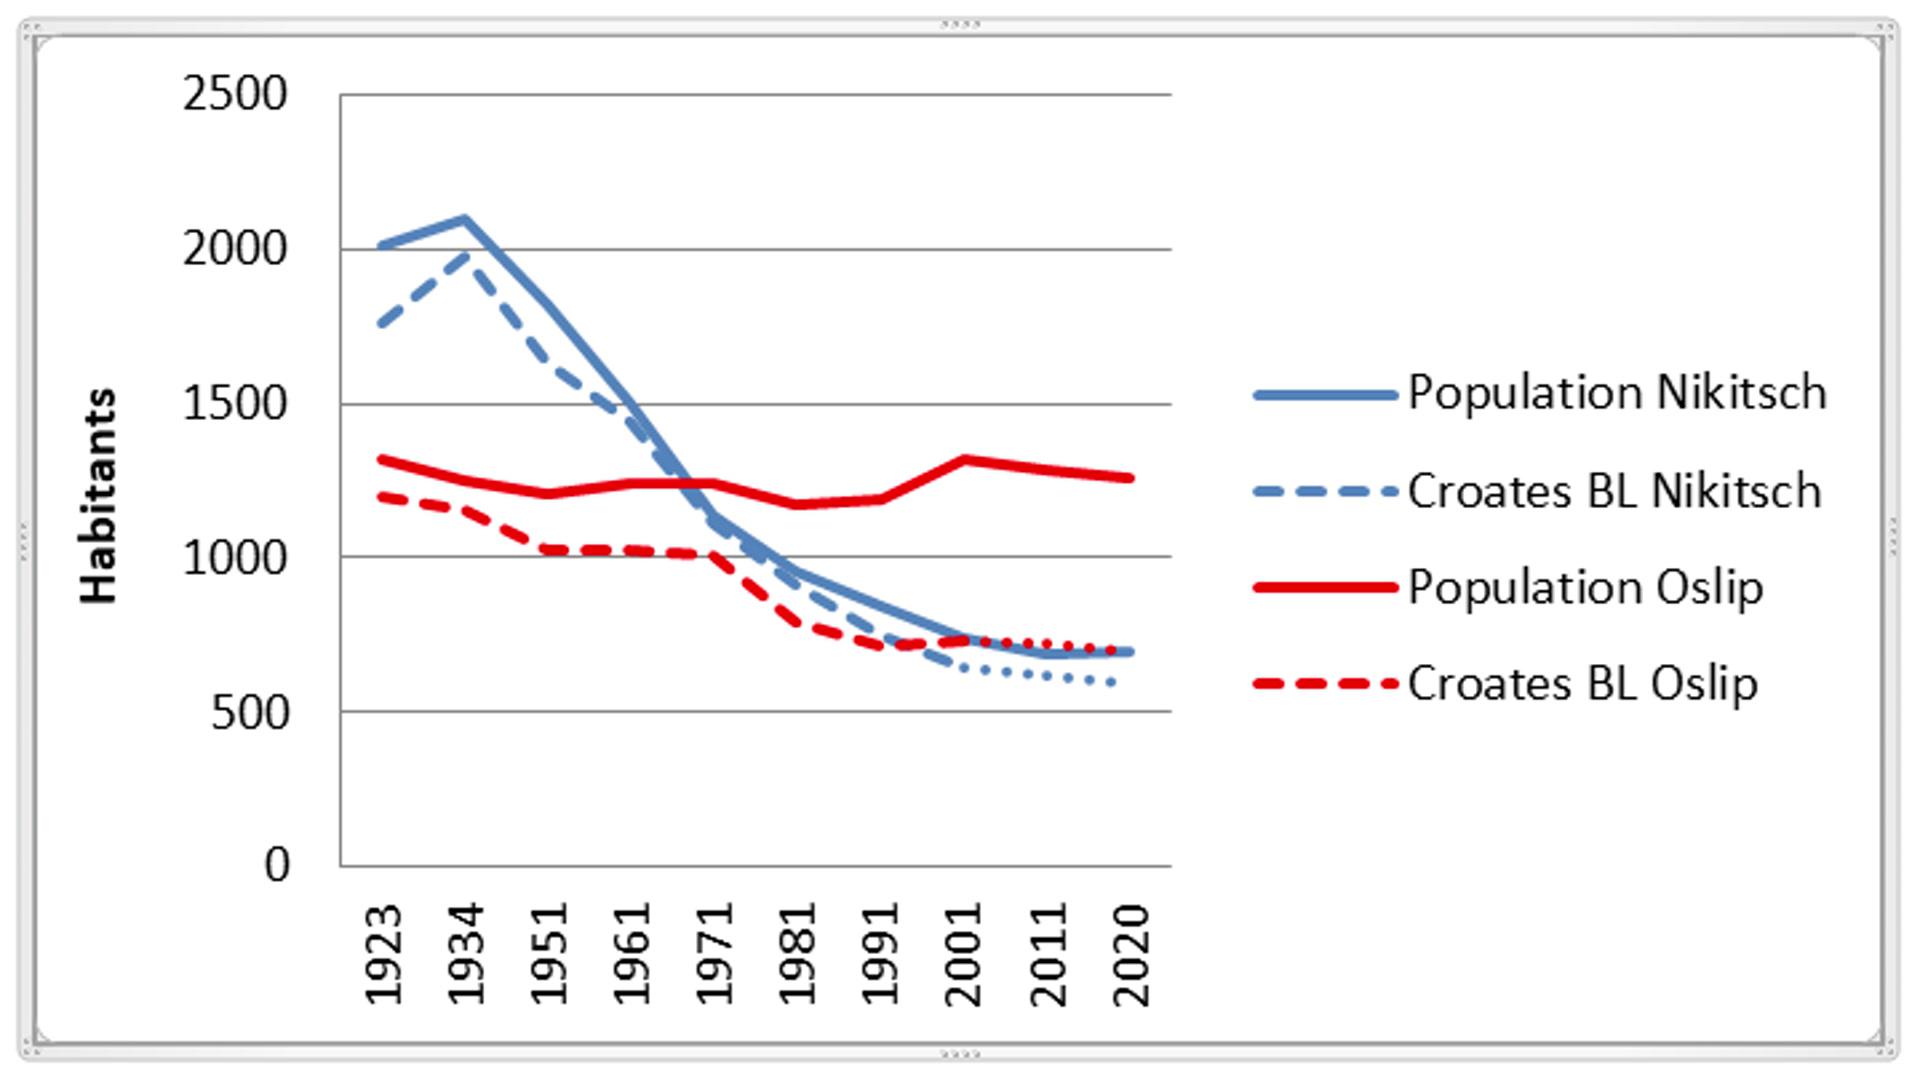 Diagramme évolution démographique à Nikitsch et Oslip